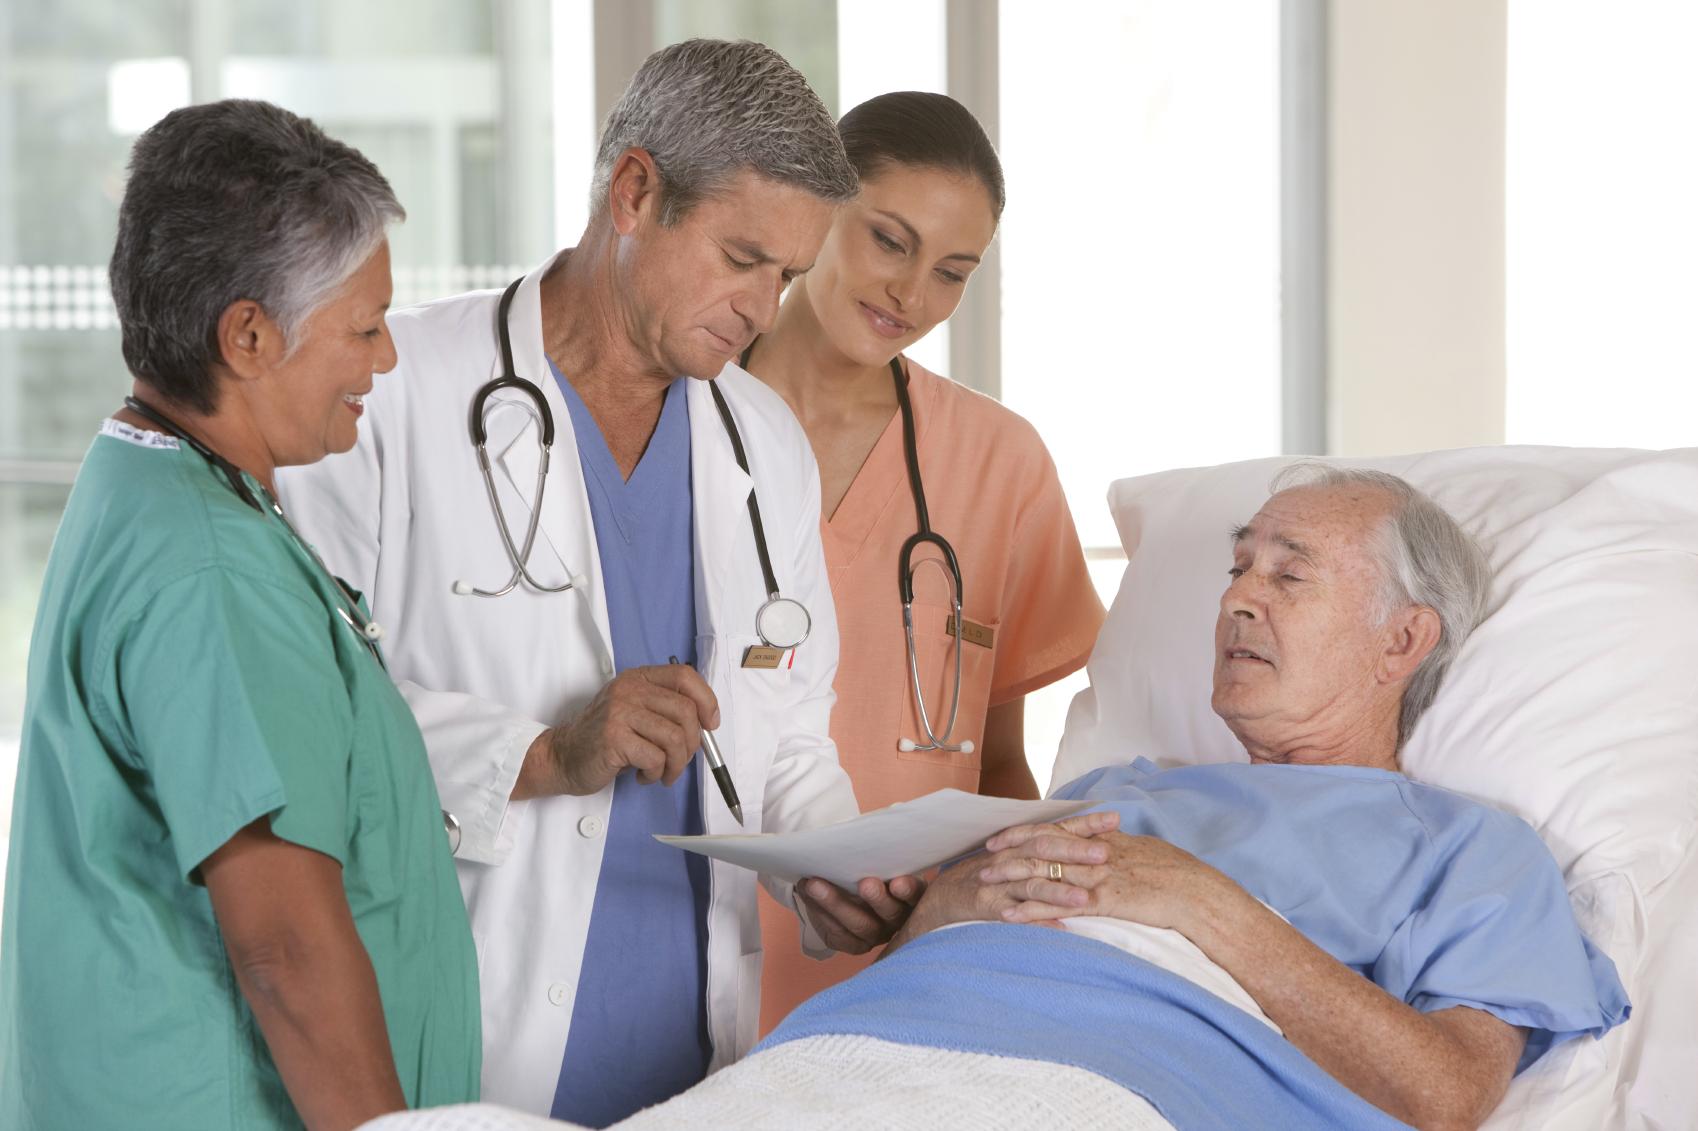 علاج كهرباء القلب بالجراحة